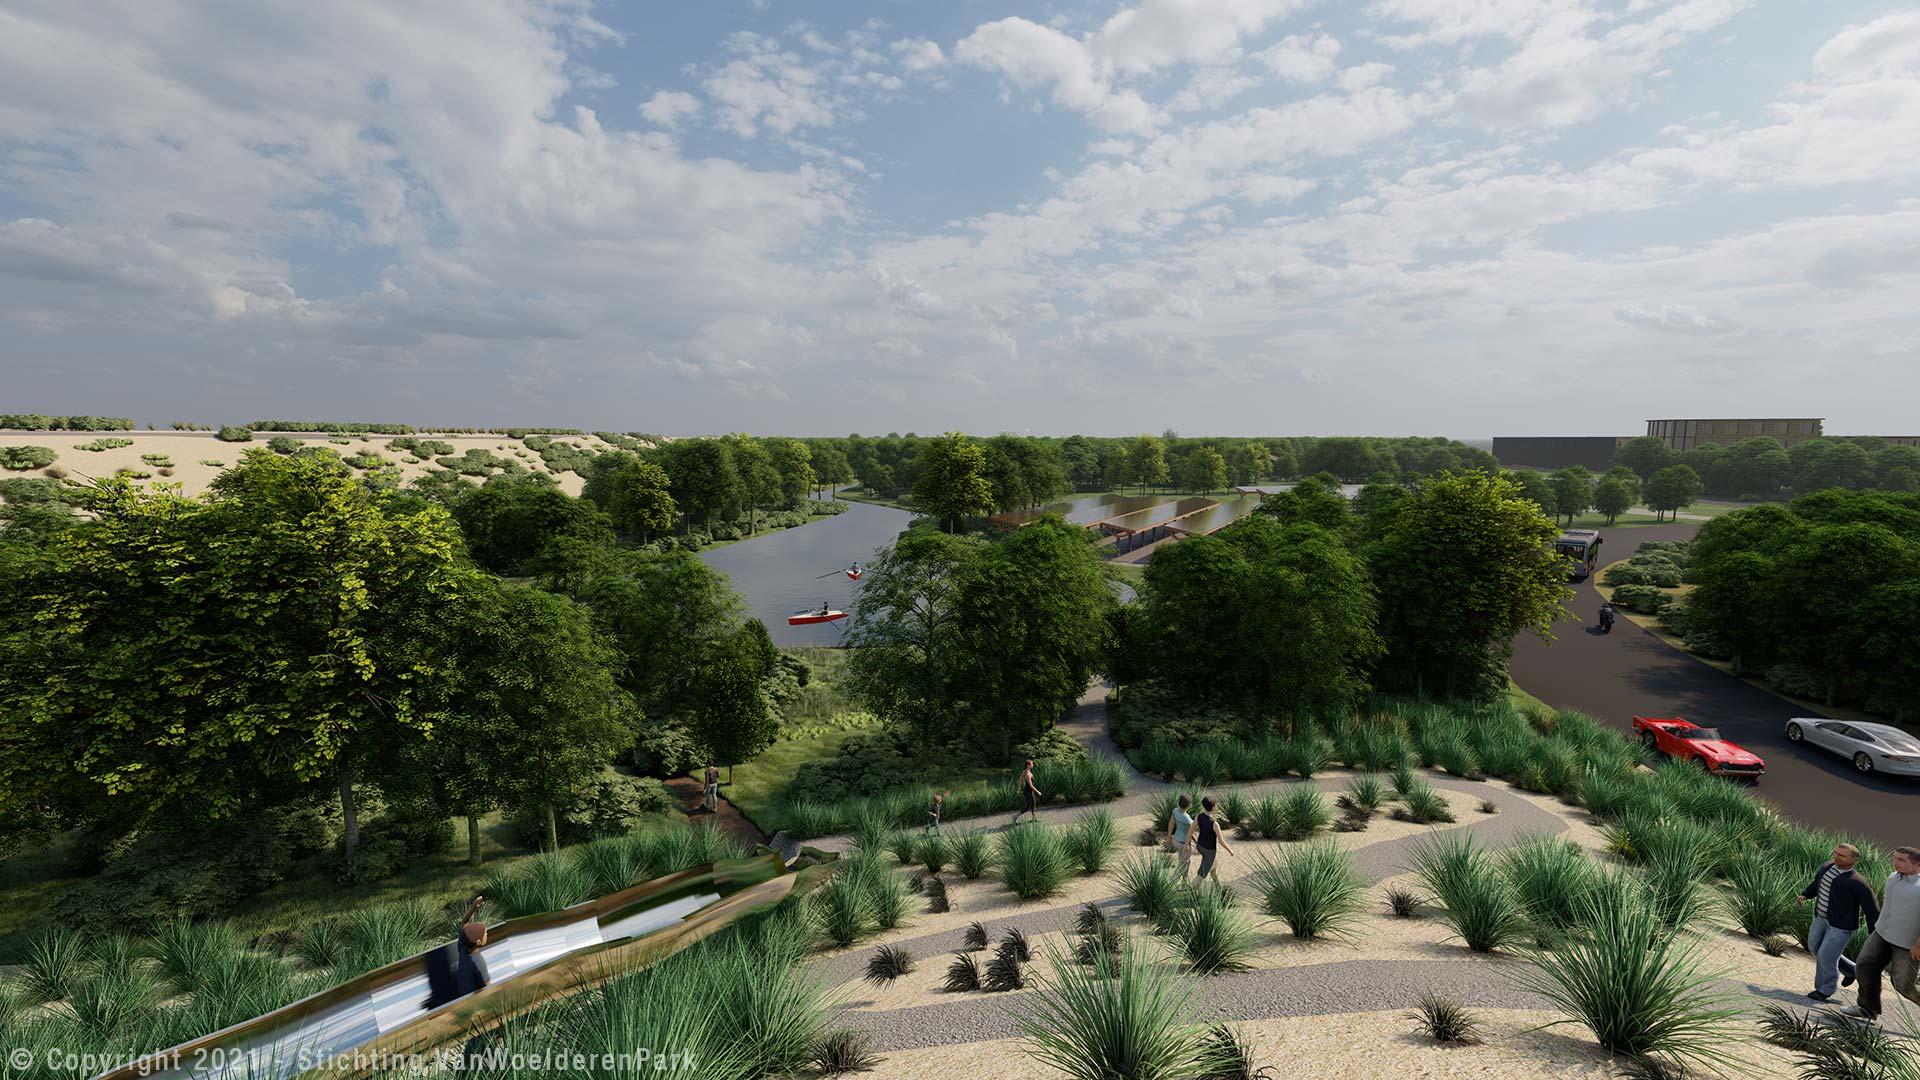 streefbeeld-stichting-van-woelderen-park-2021-boulevard-na